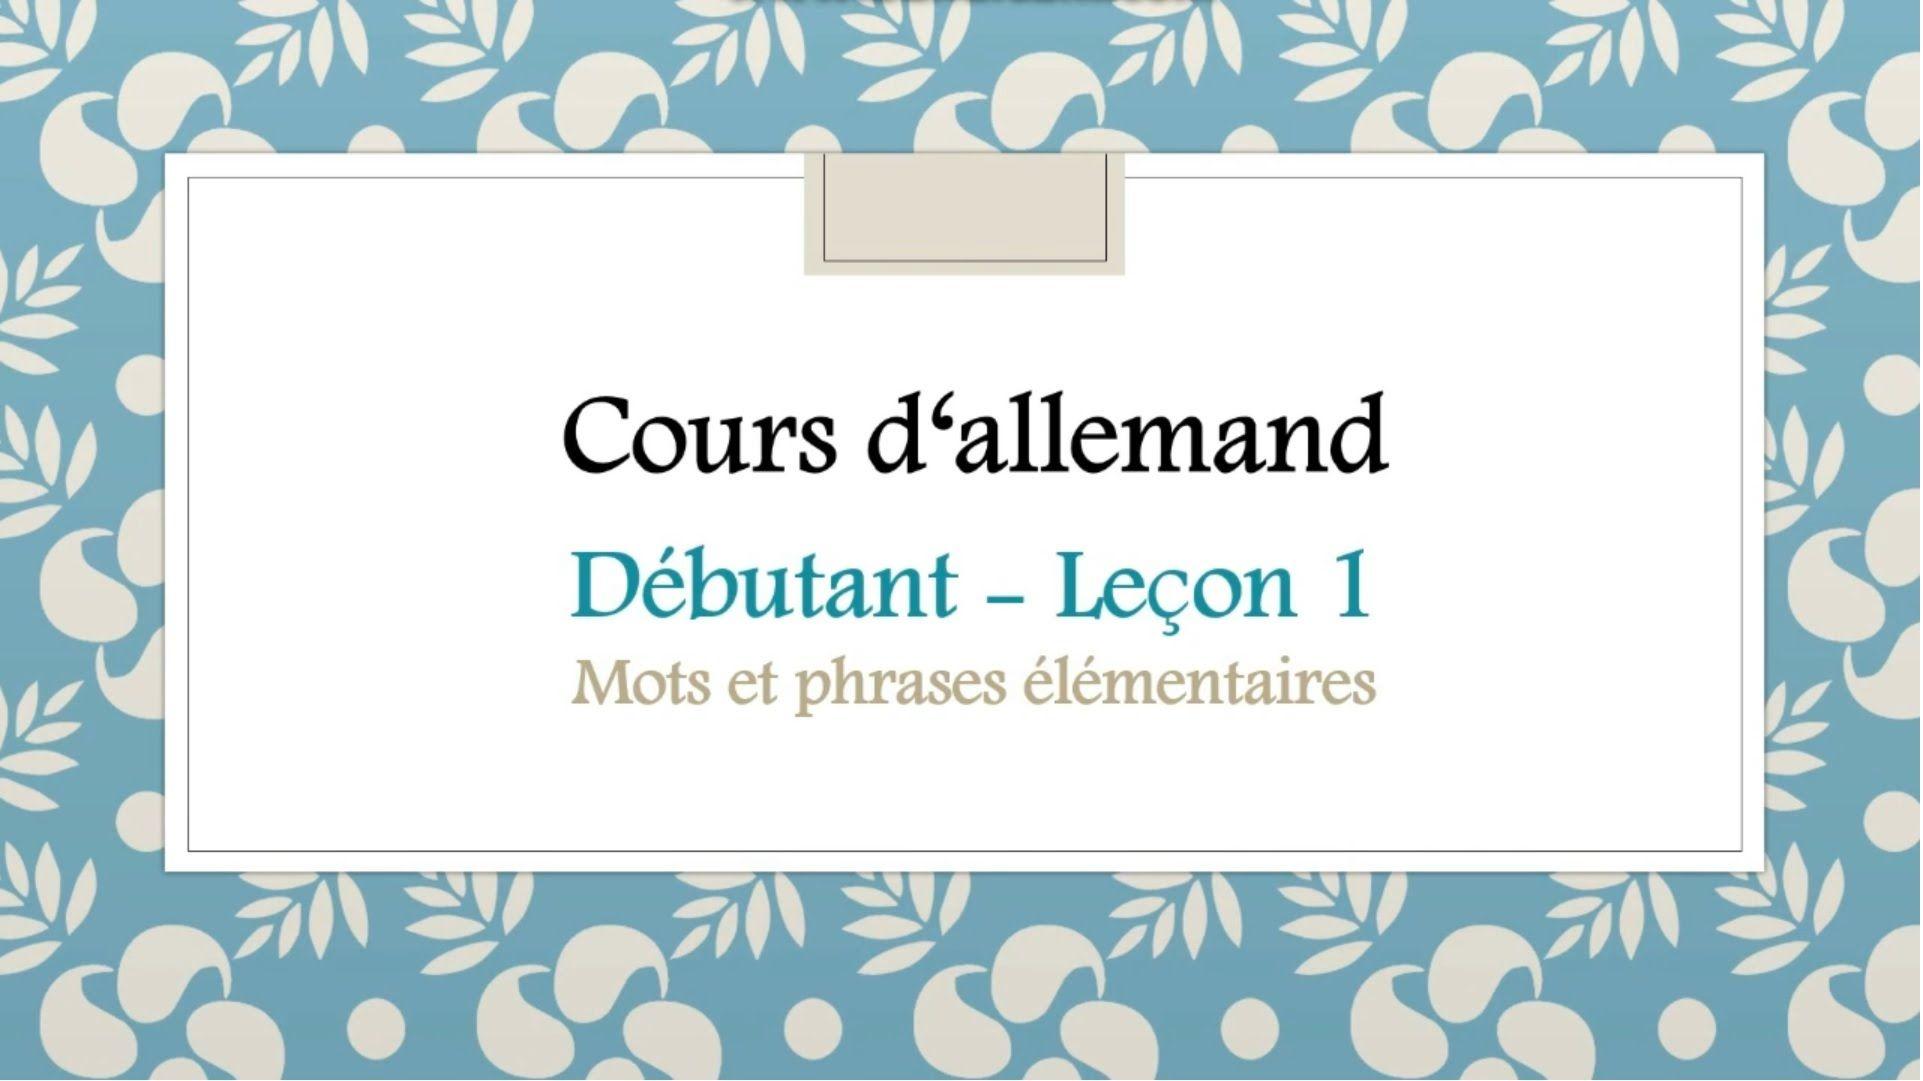 Cours D Allemand Debutant Lecon 1 Mots Et Phrases Elementaires Cours Allemand Apprendre L Allemand Allemand